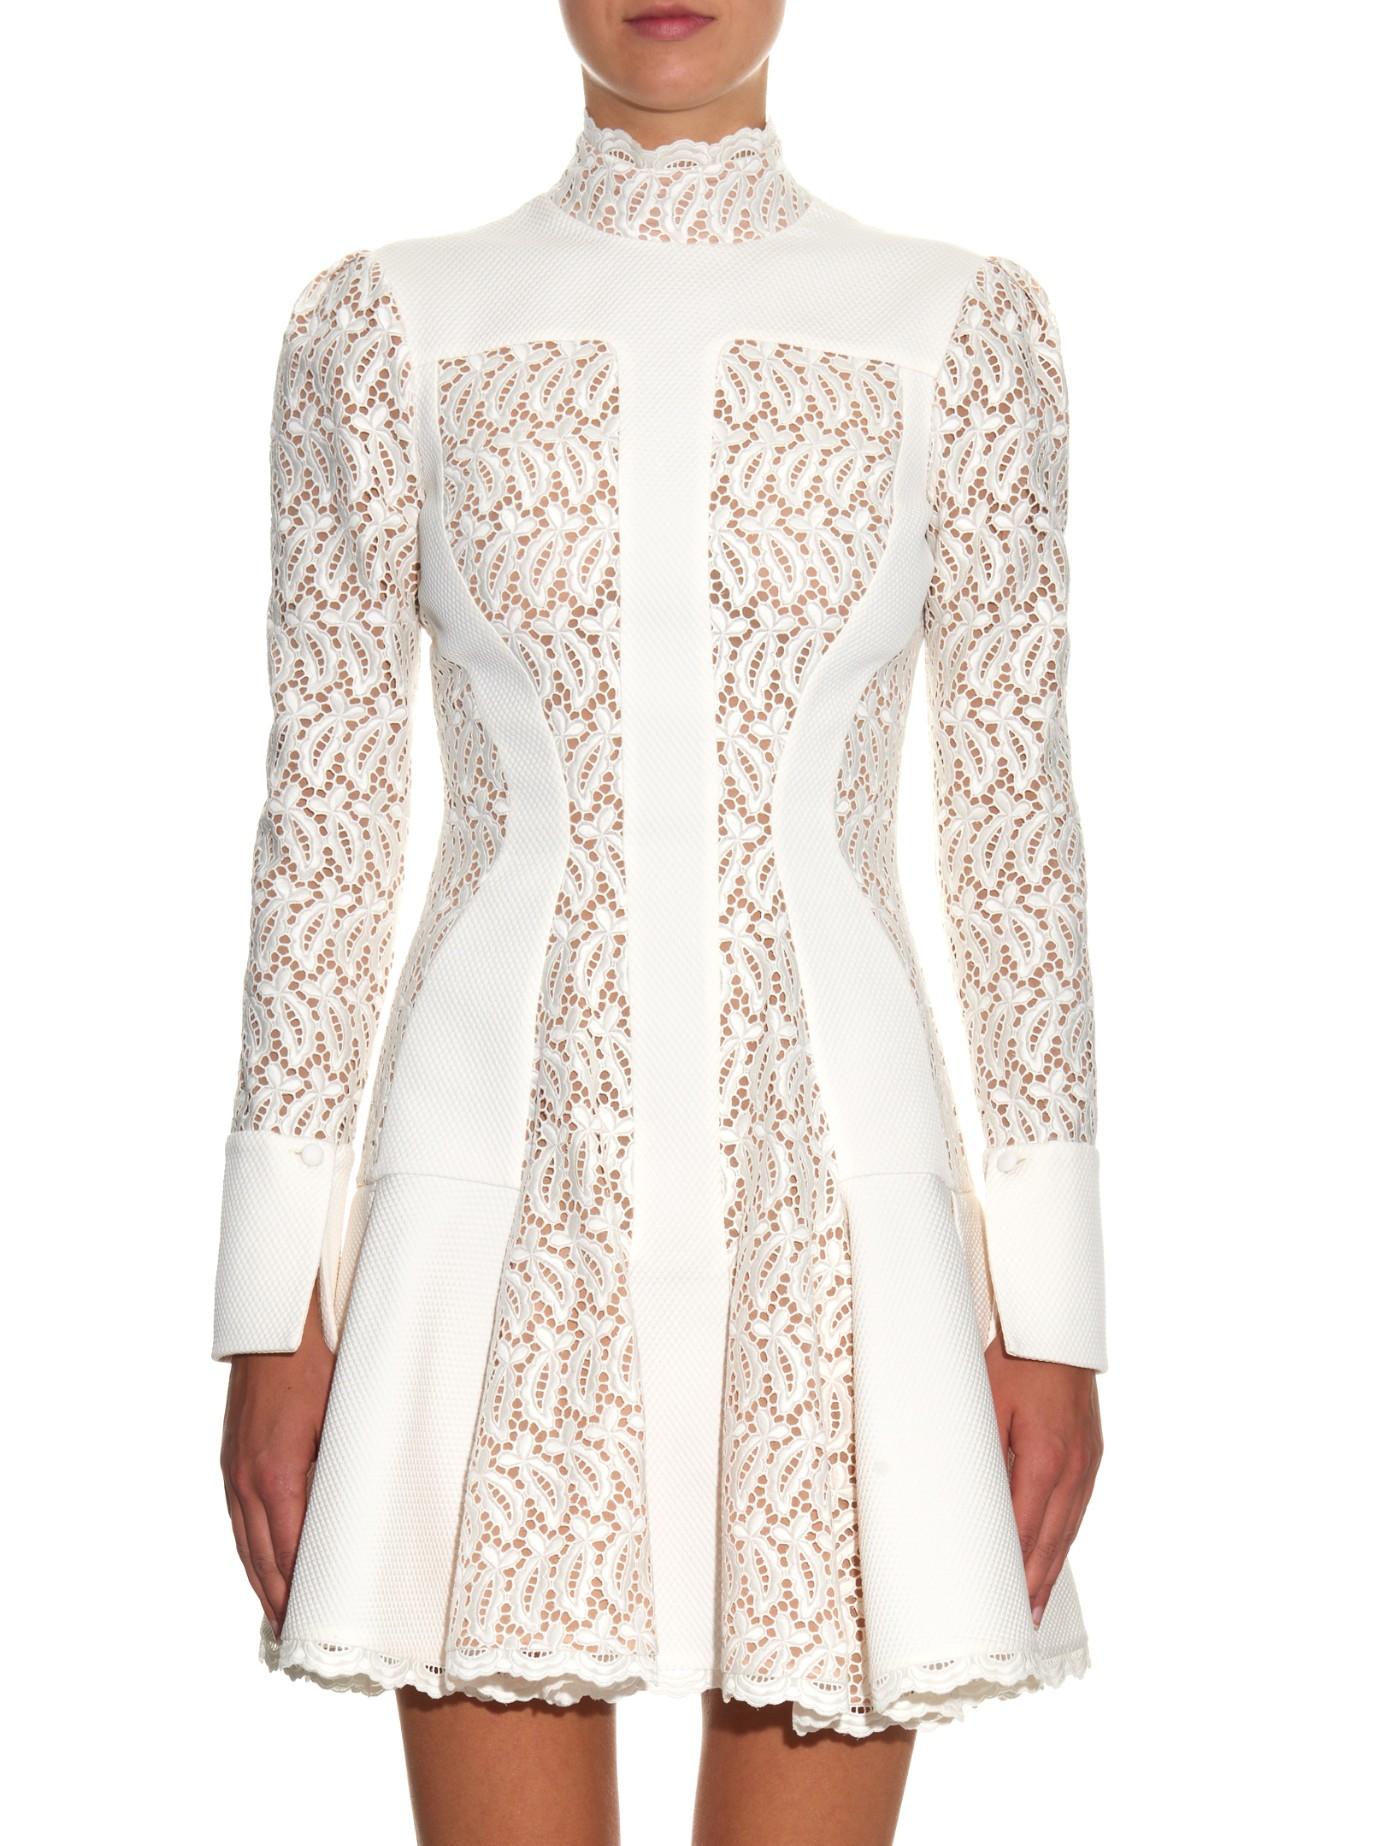 Dropped-waist lace dress Alexander McQueen EJZuf8l3yG